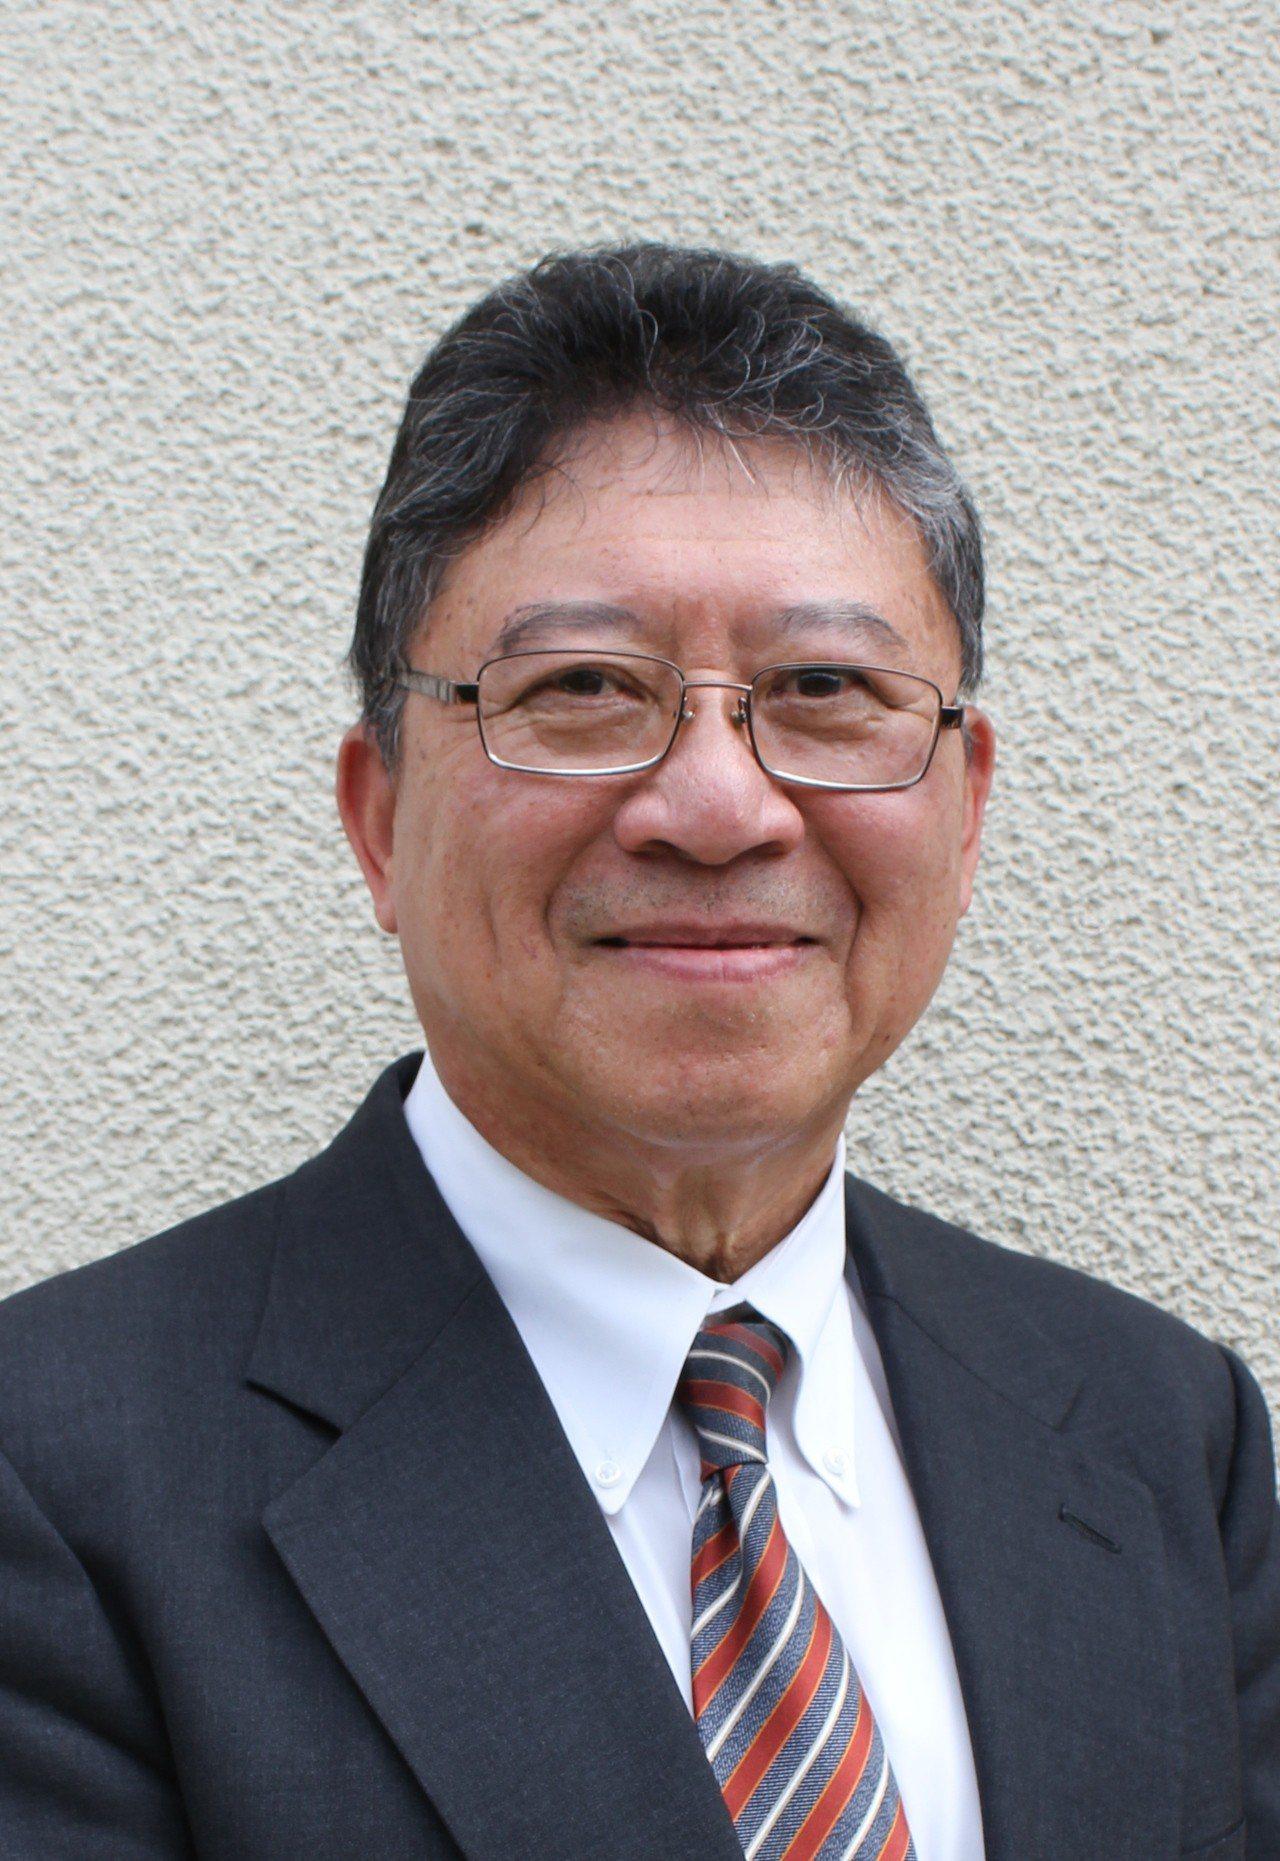 鑽石吧市議員選戰,華裔占半。